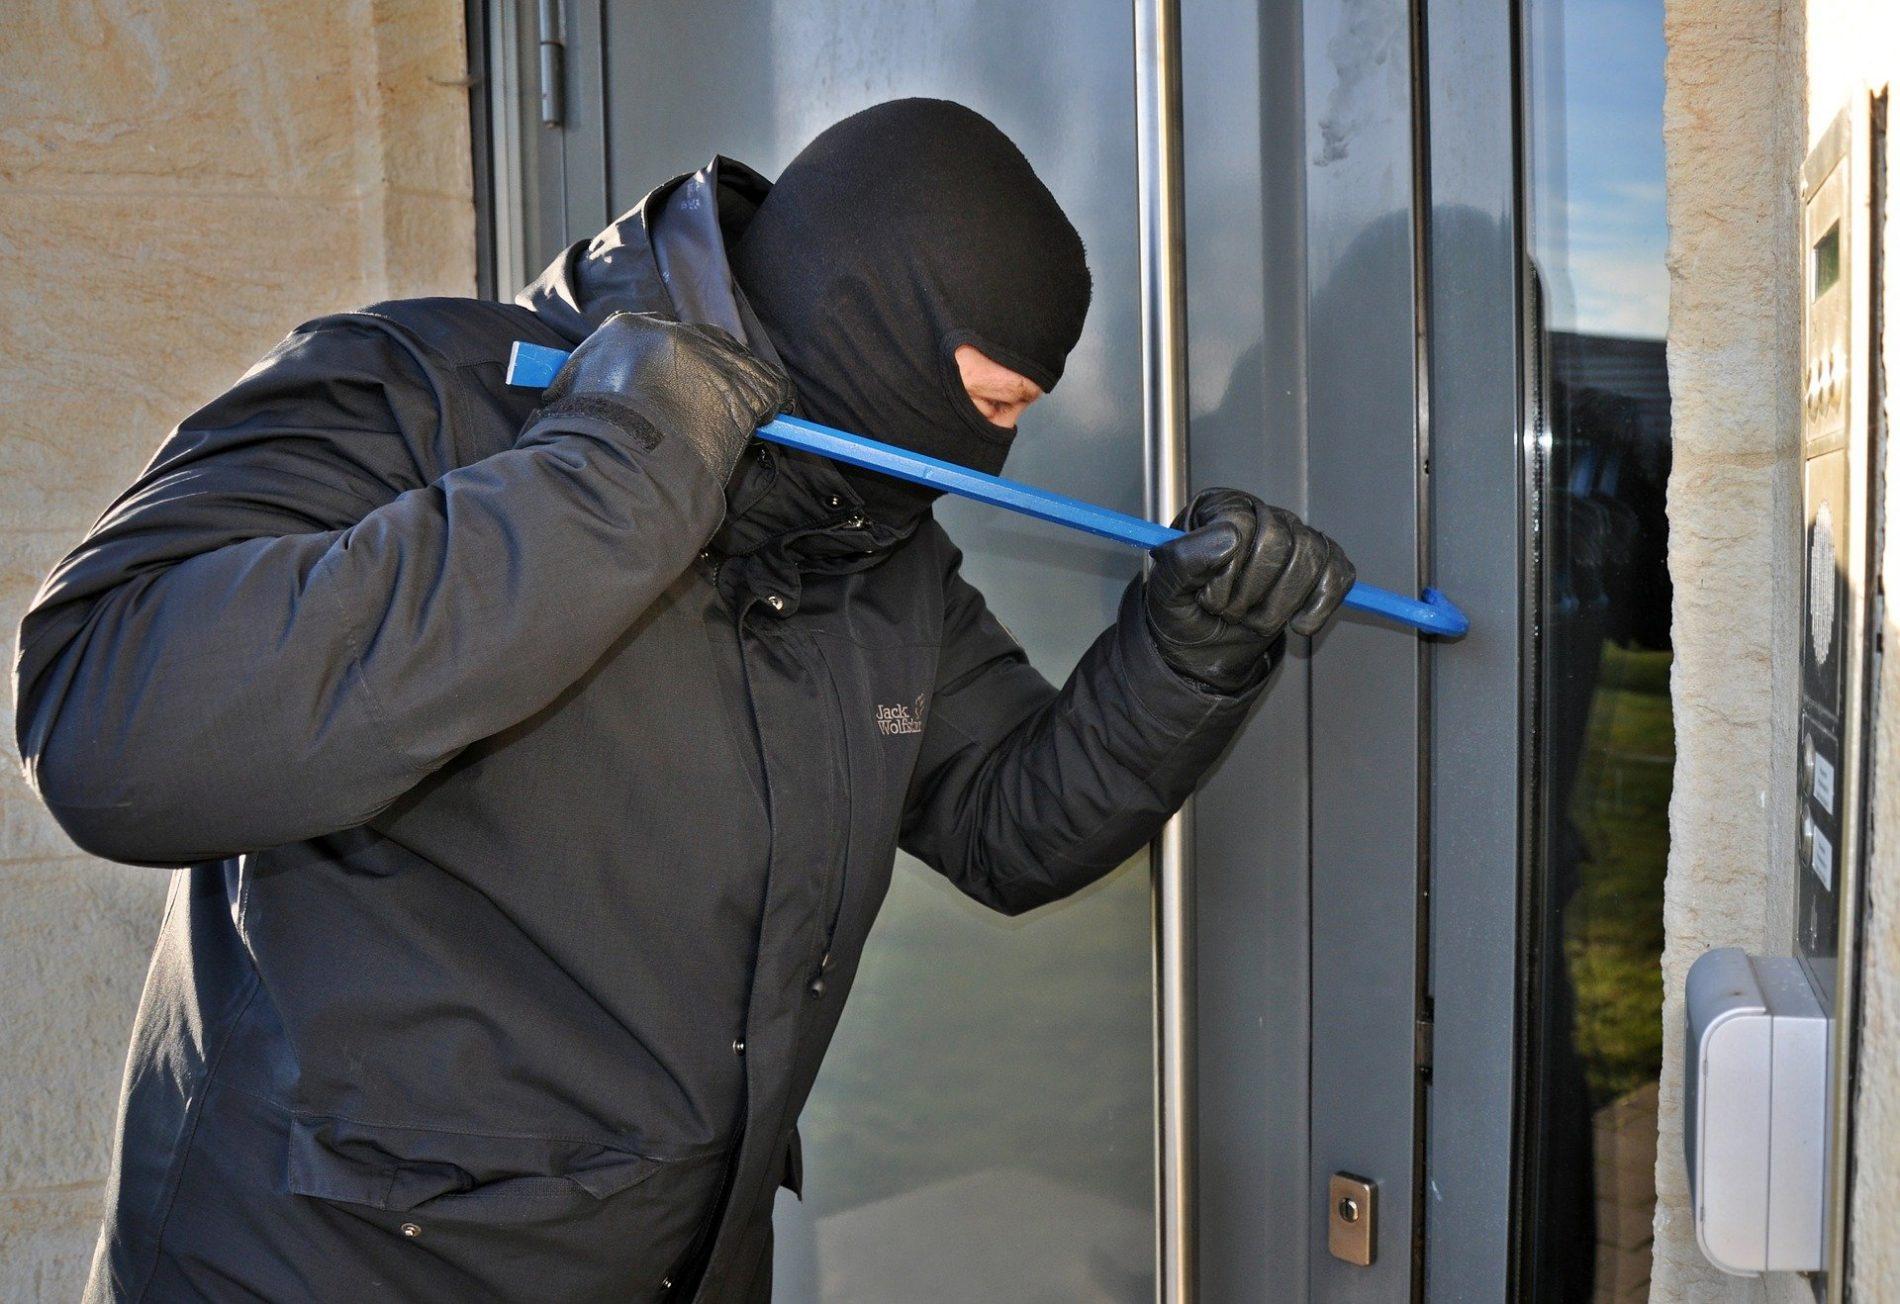 Homme masqué qui essaie d'entrer dans une maison par effraction